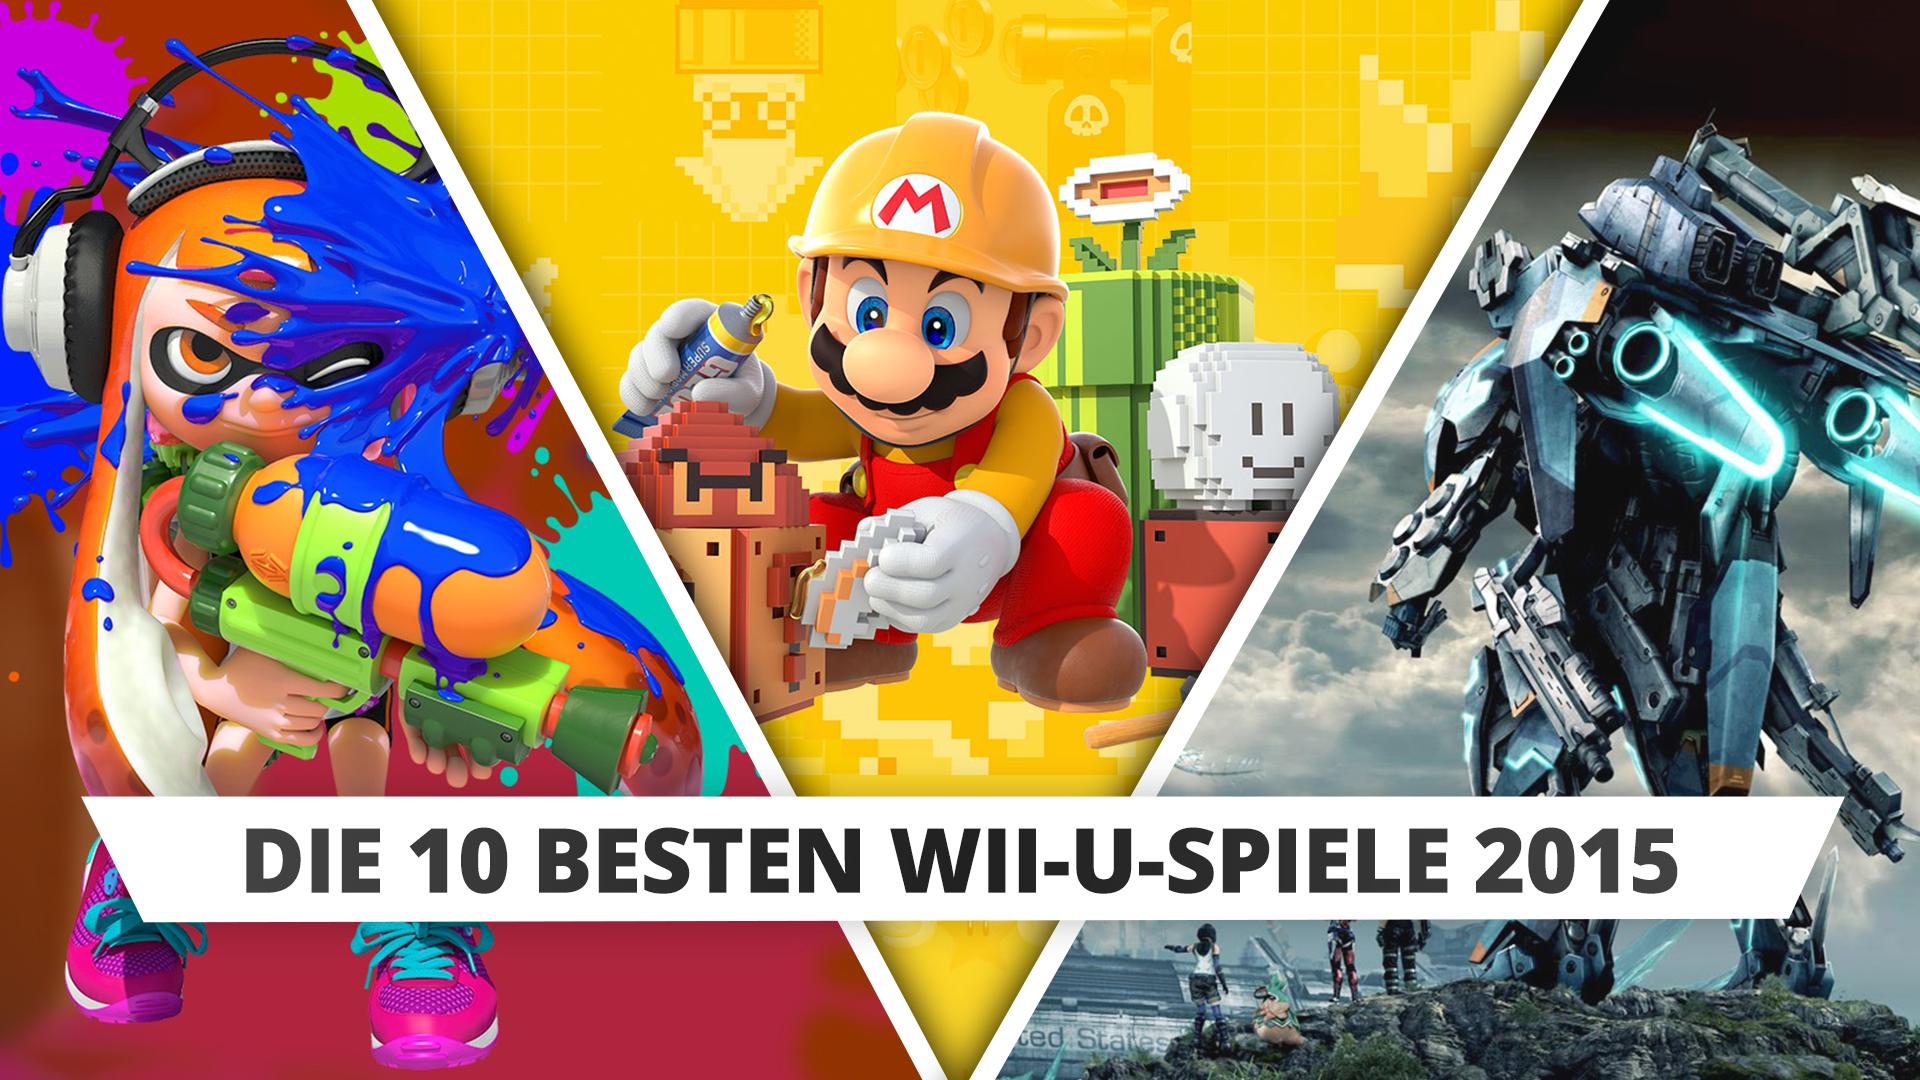 Wii U Spiele 2015 Die 10 Besten Titel In Der übersicht Giga